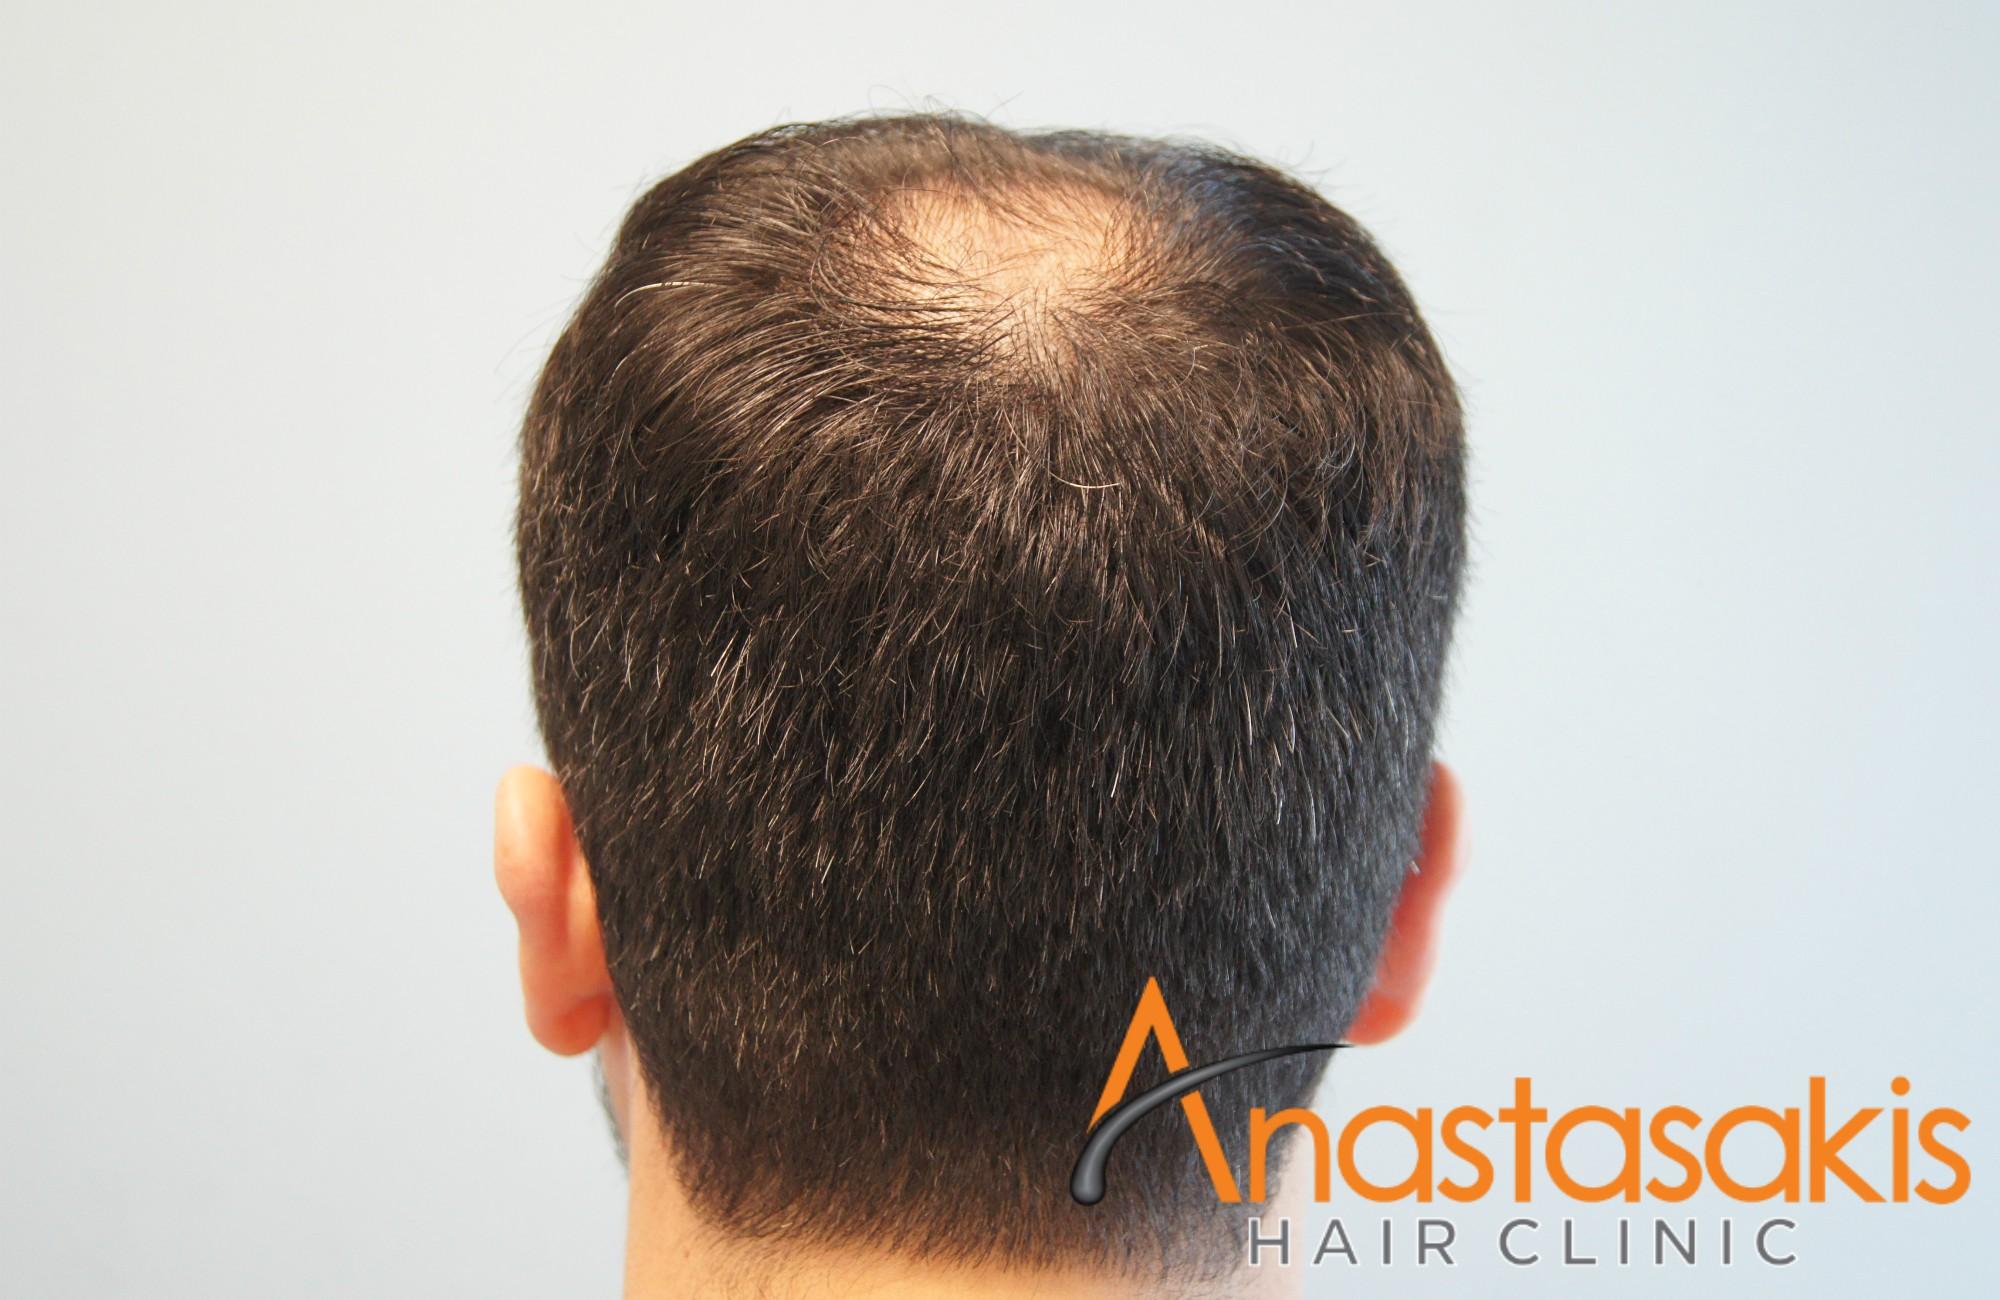 άνδρας πριν τη μεταμόσχευση μαλλιών fue με 1700fus crown